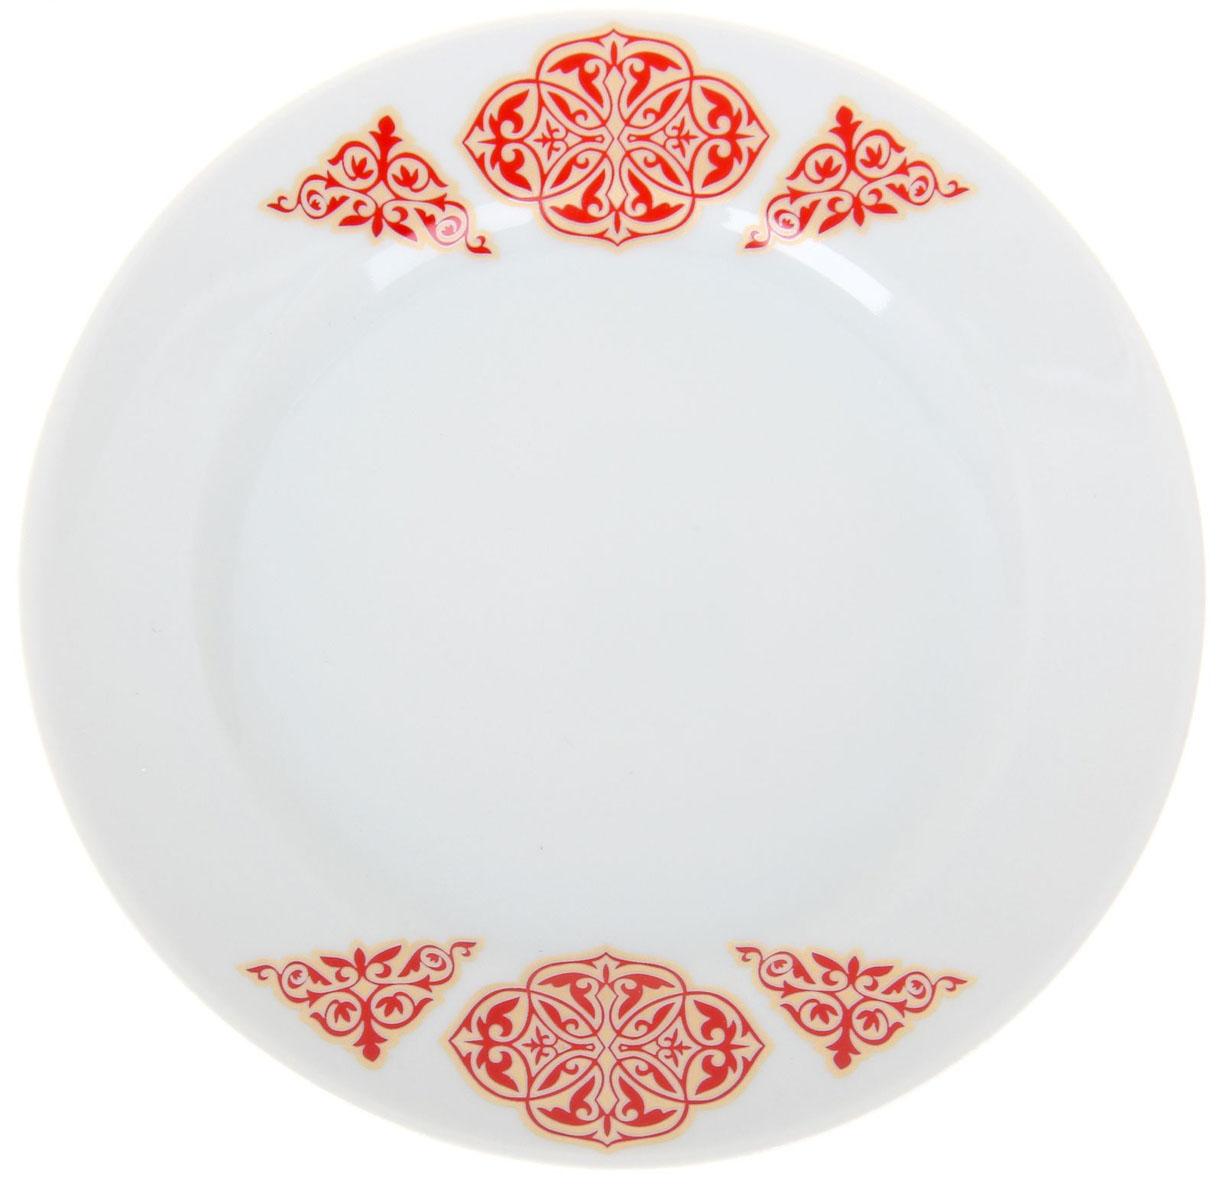 Тарелка мелкая Идиллия. Восточный, диаметр 20 см1224528Тарелка Идиллия. Восточный изготовлена из высококачественного фарфора. Изделие декорировано красочным изображением. Такая тарелка отлично подойдет в качестве блюда, она идеальна для сервировки закусок, нарезок, горячих блюд. Тарелка прекрасно дополнит сервировку стола и порадует вас оригинальным дизайном.